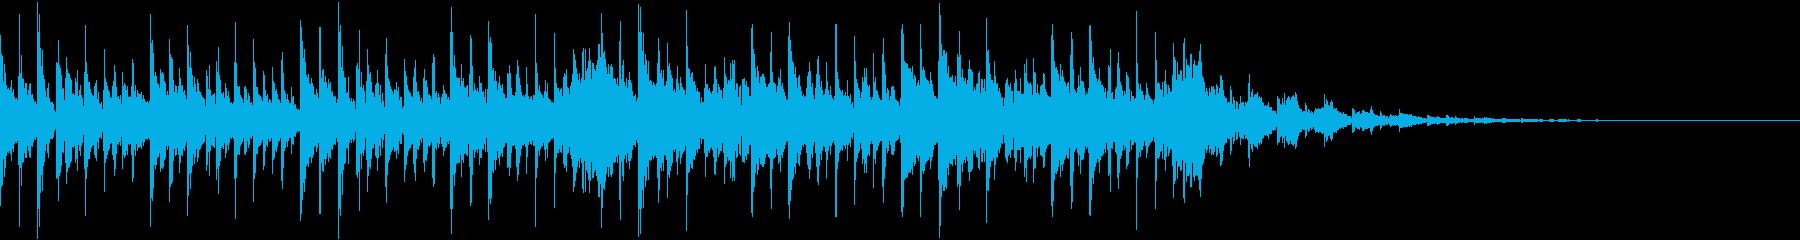 ふわふわシンセとグリッチノイズのジングルの再生済みの波形